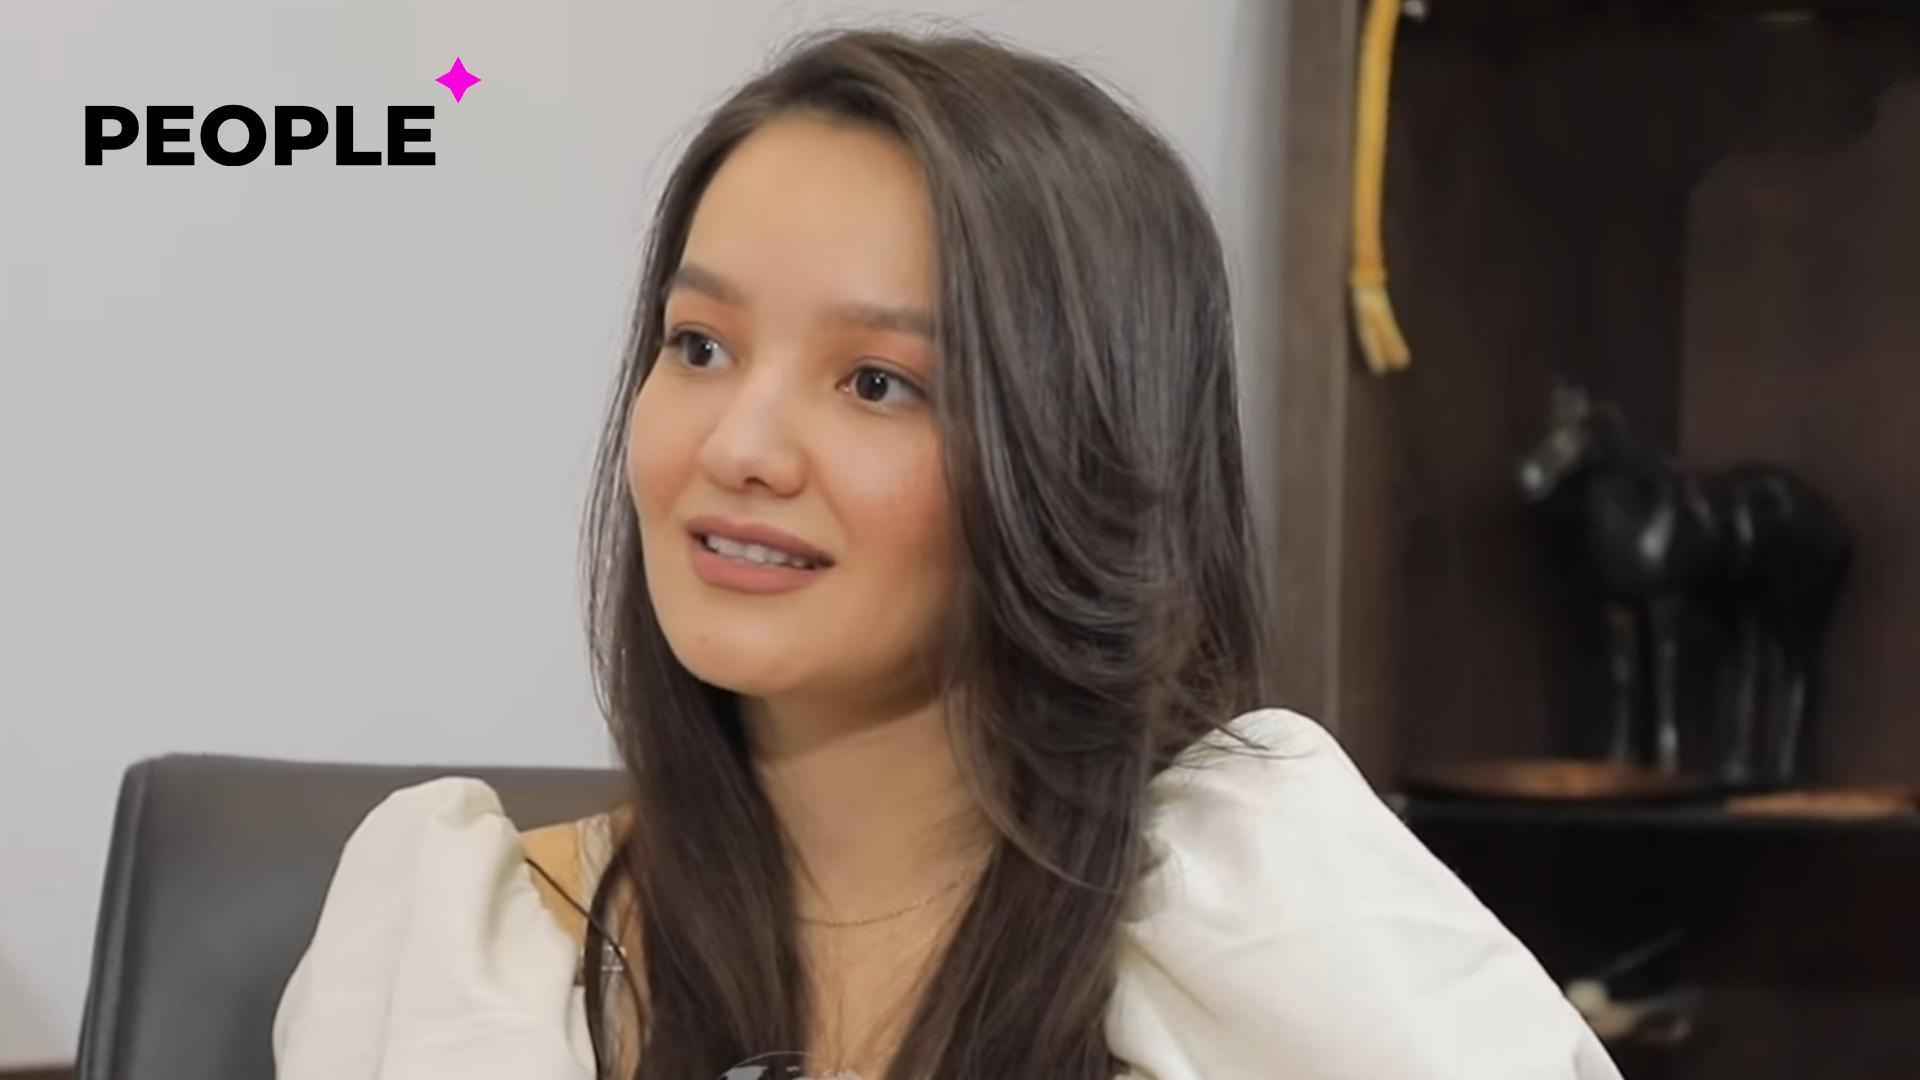 Ведущая Хуснора Шадиева рассказала об отношениях с бывшей свекровью